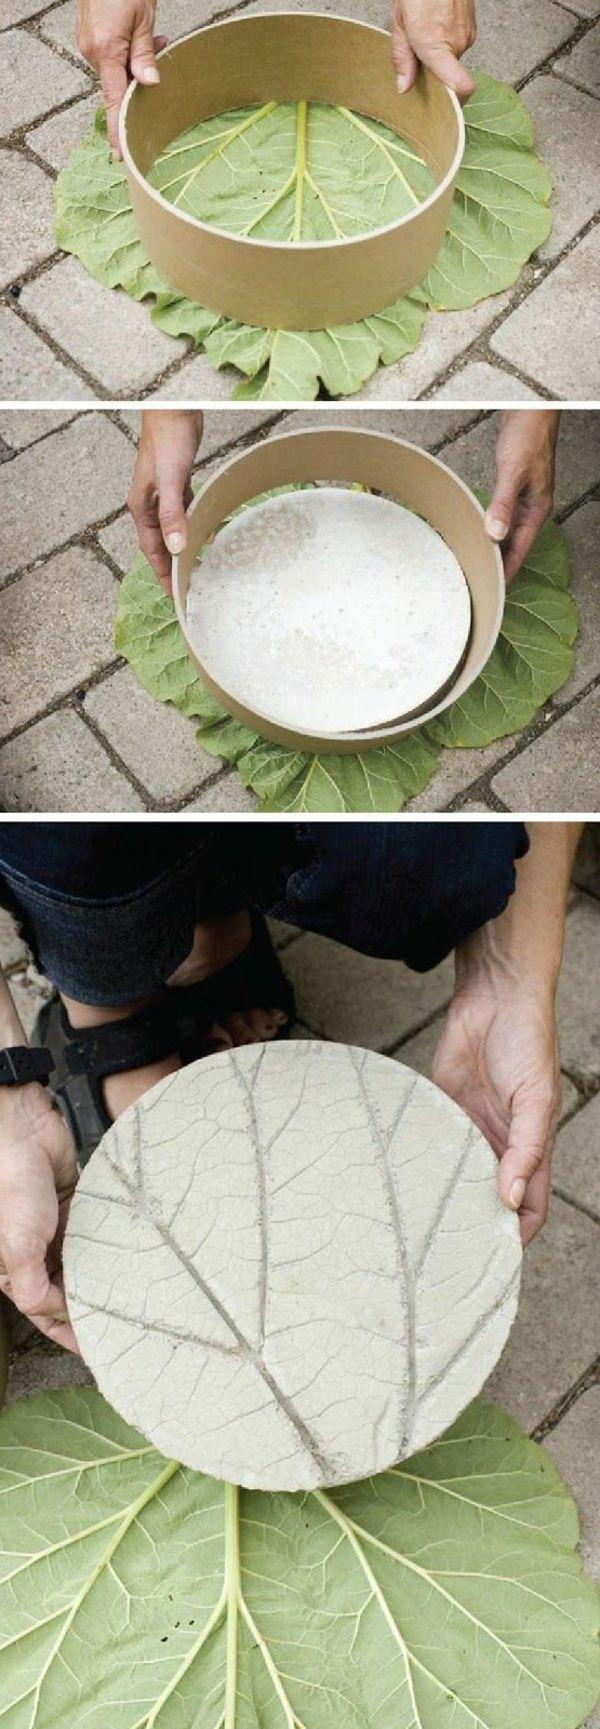 Schicke Gartenwege aus Naturstein oder Zement für den Garten #schönegärten